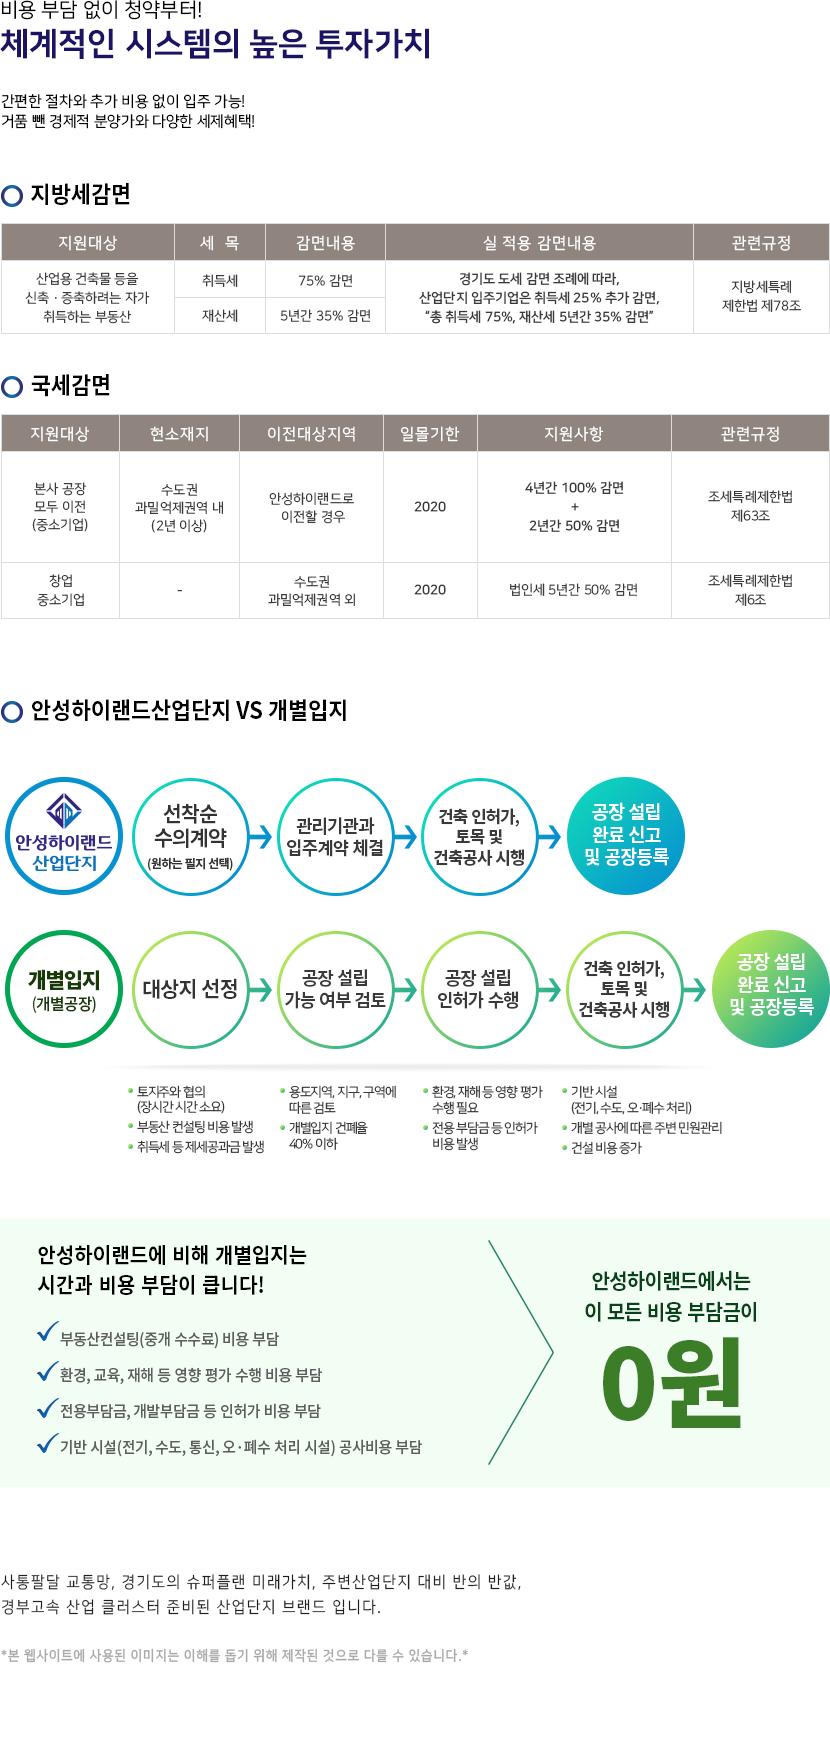 180912_하이랜드홈페이지_입주혜택page_김낙윤_수정.png